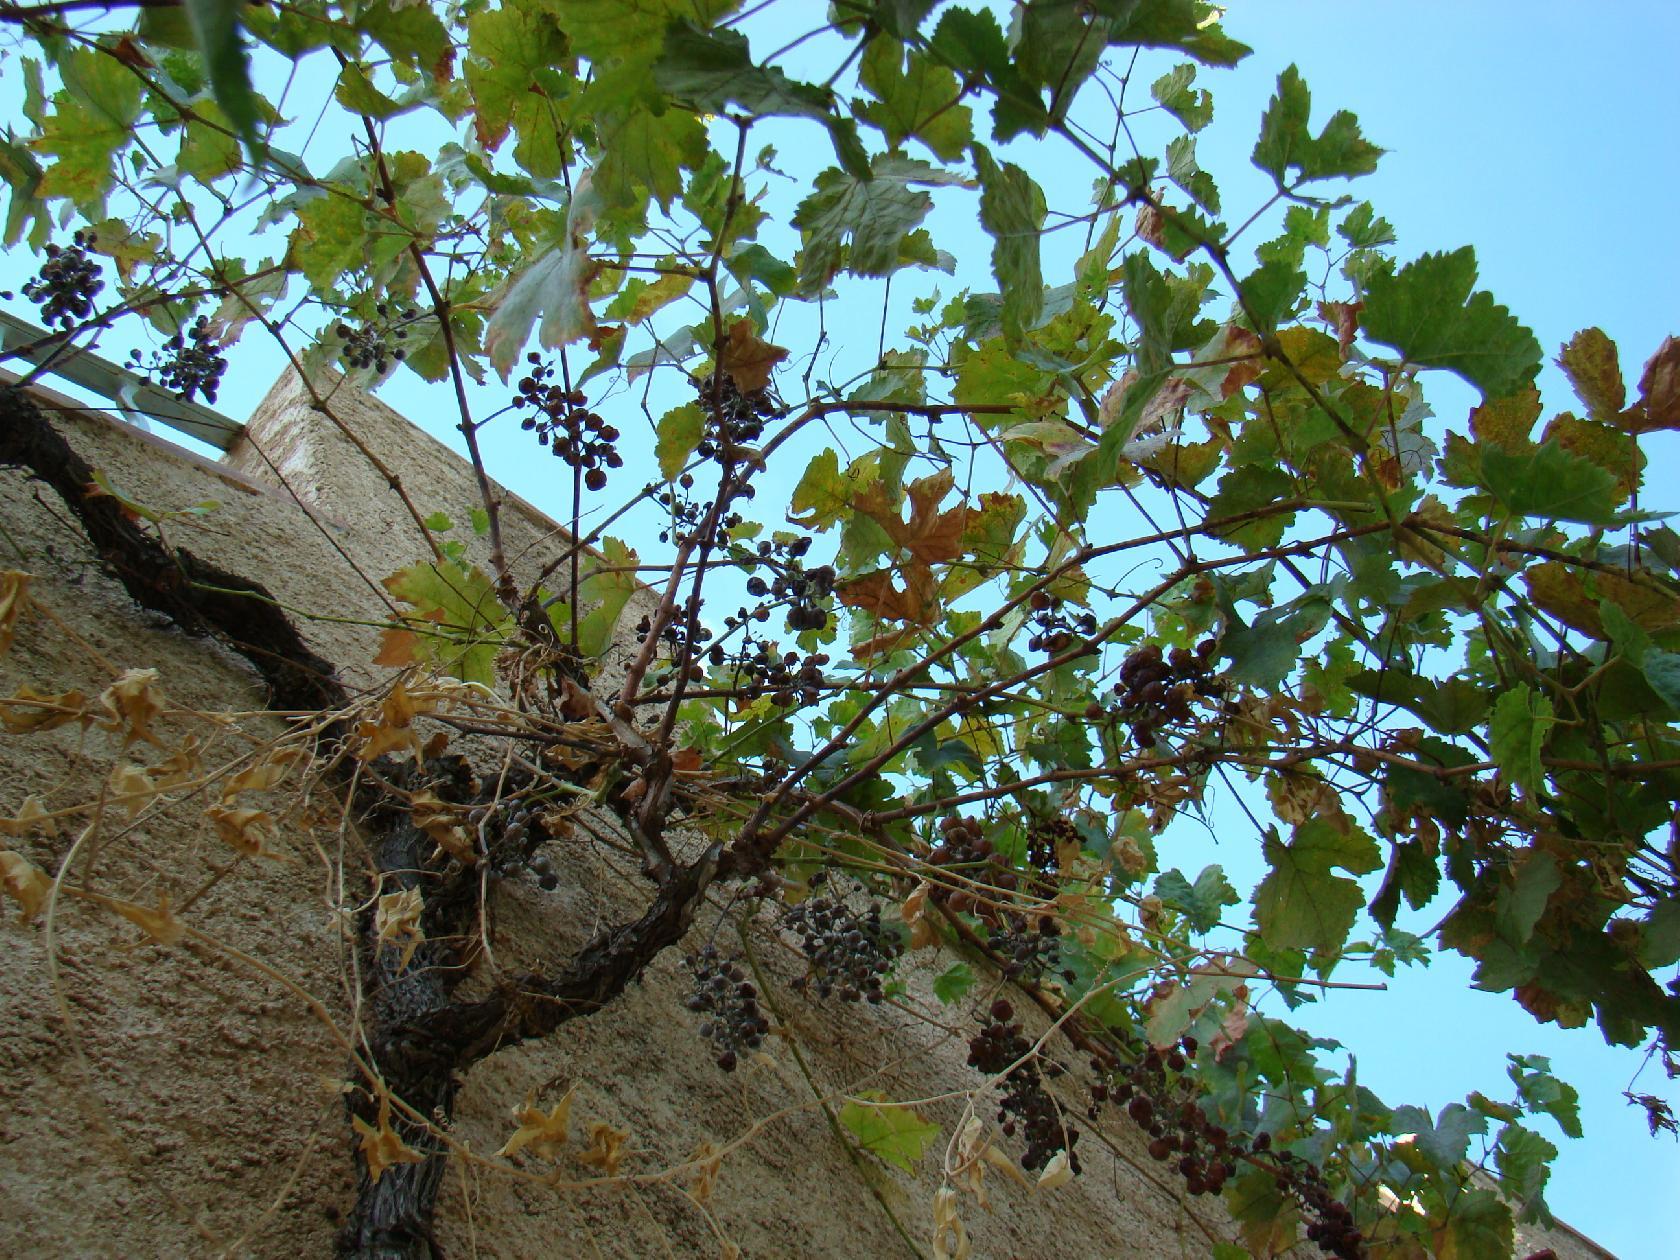 La provence s che fait les badaous la cachina - Quand tailler la vigne en treille ...